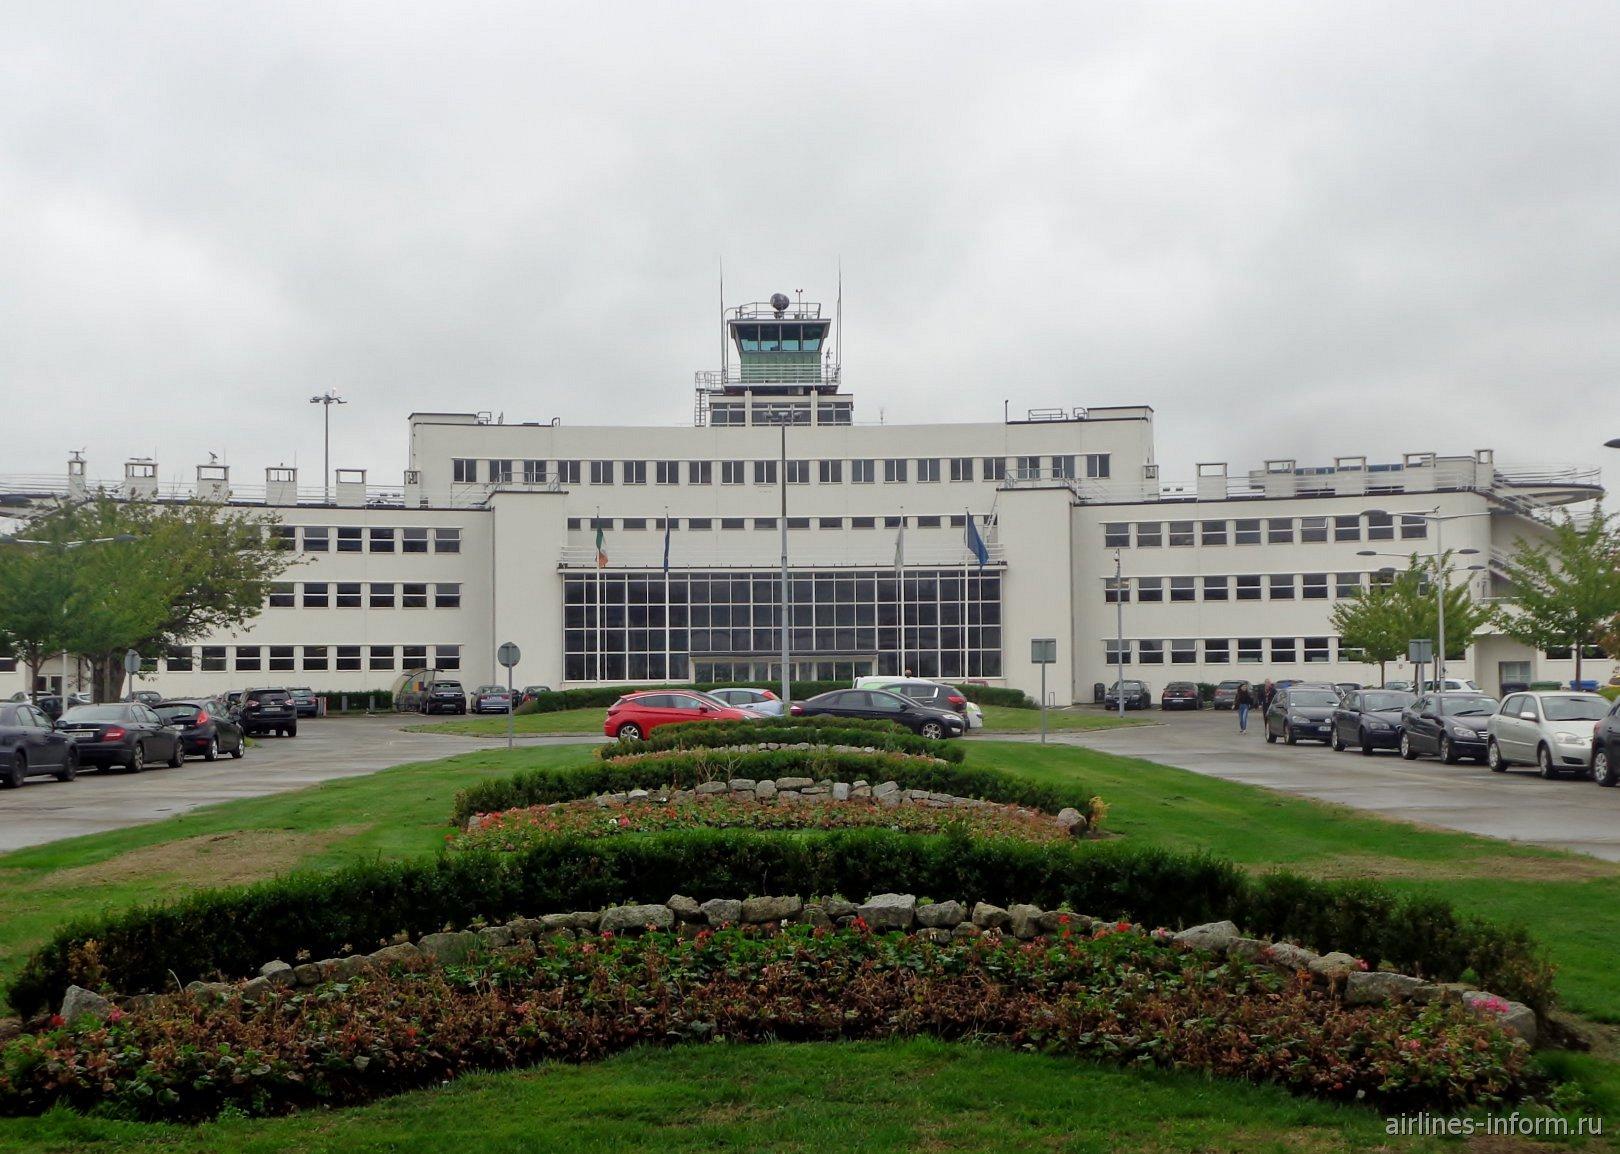 Исторический терминал аэропорта Дублин, построенный в 1941 году